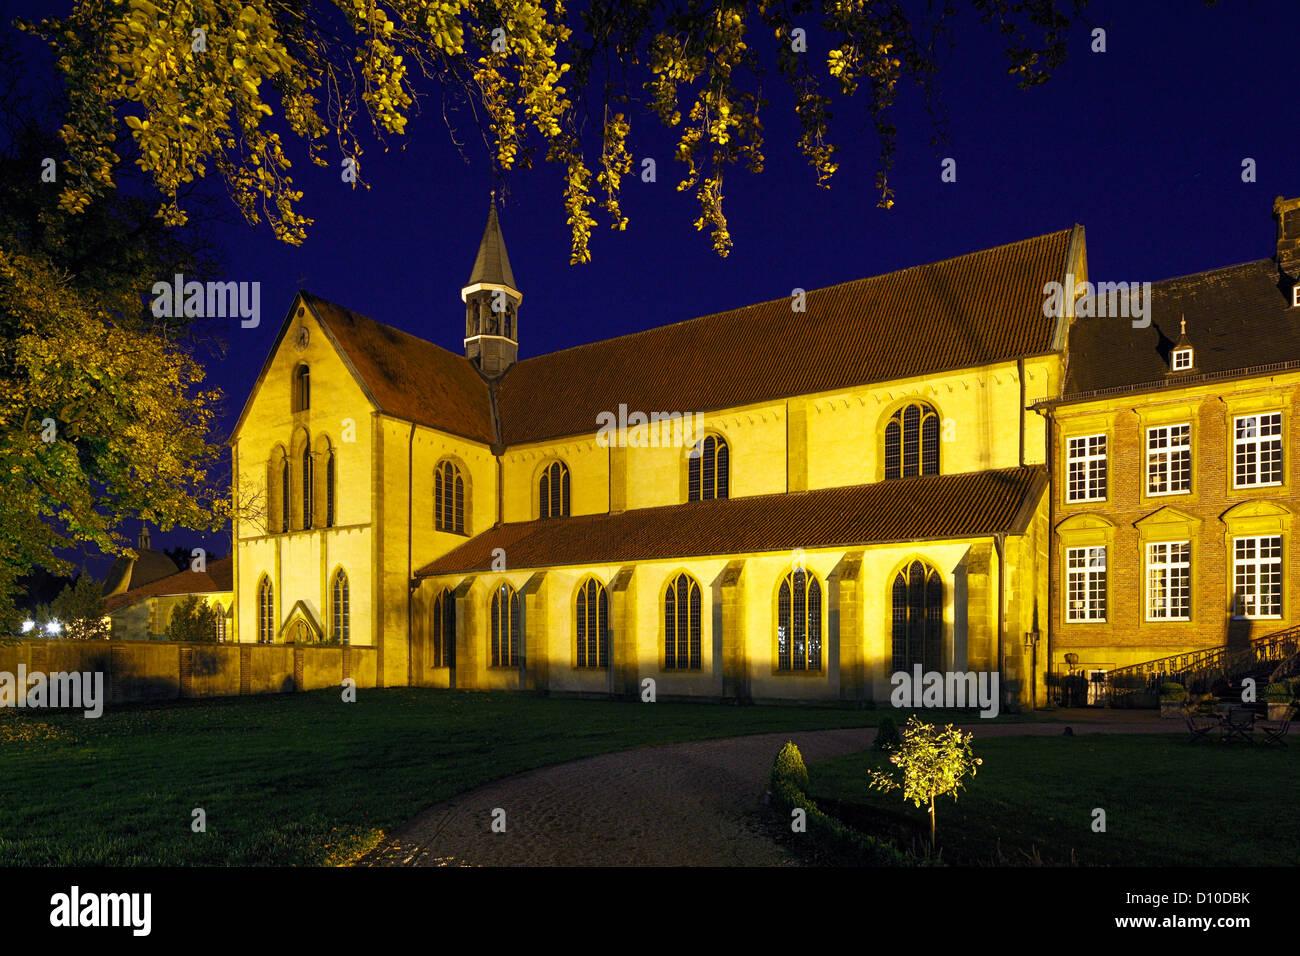 Klosterkirche und Alte Abtei in der Blauen Stunde, Zisterzienserkloster Marienfeld in Harsewinkel, Ostwestfalen - Stock Image